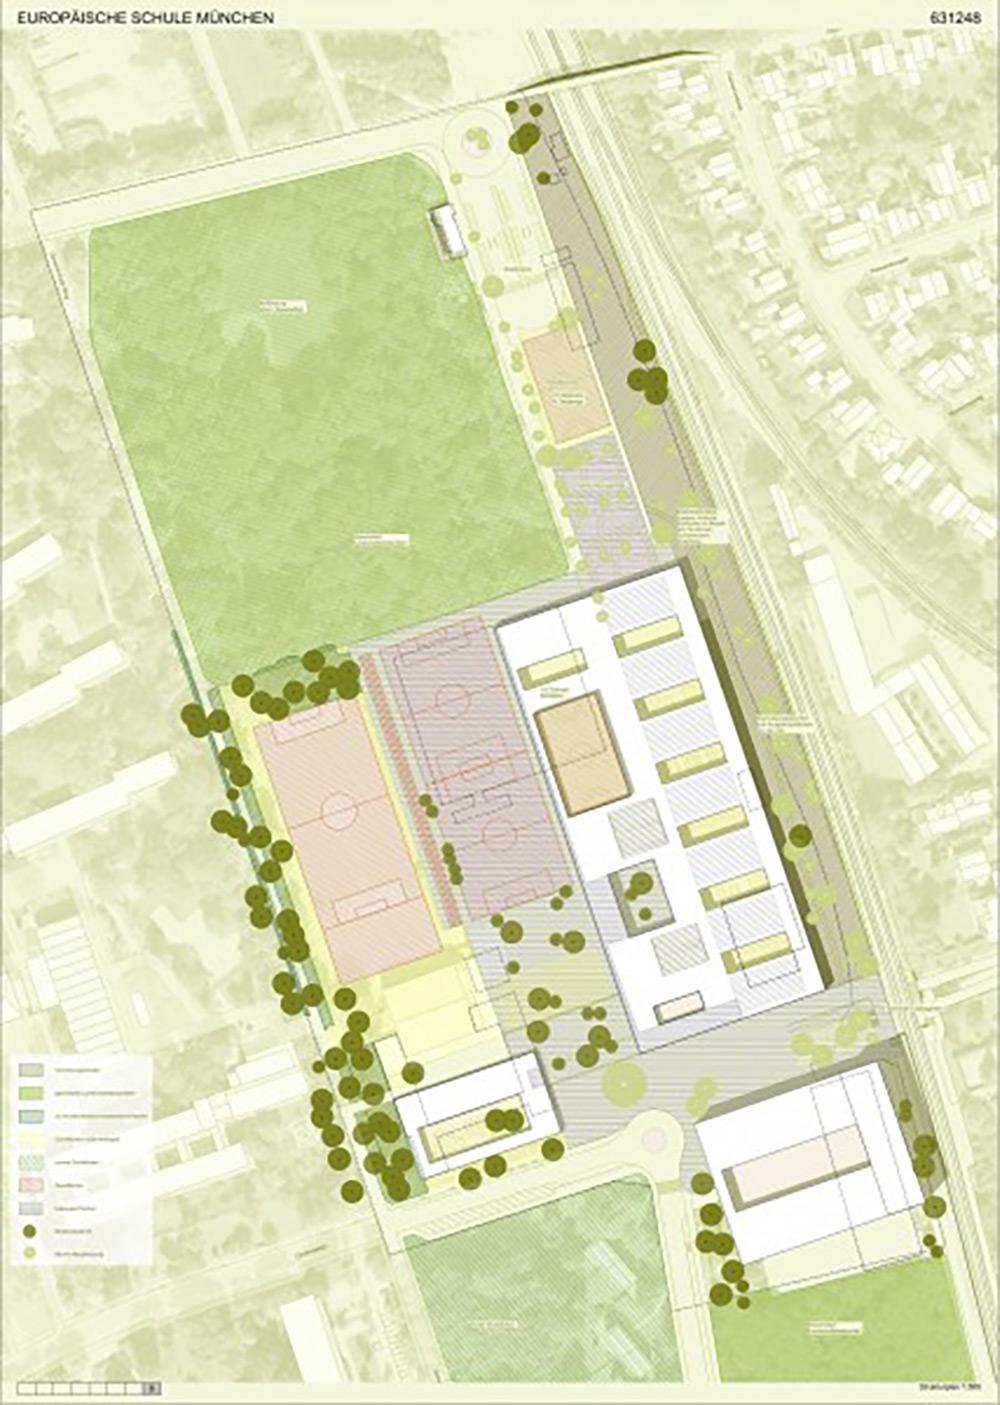 Larmschutz Verkehrs Stadtplanung Sanierung Ausfuhrung Download